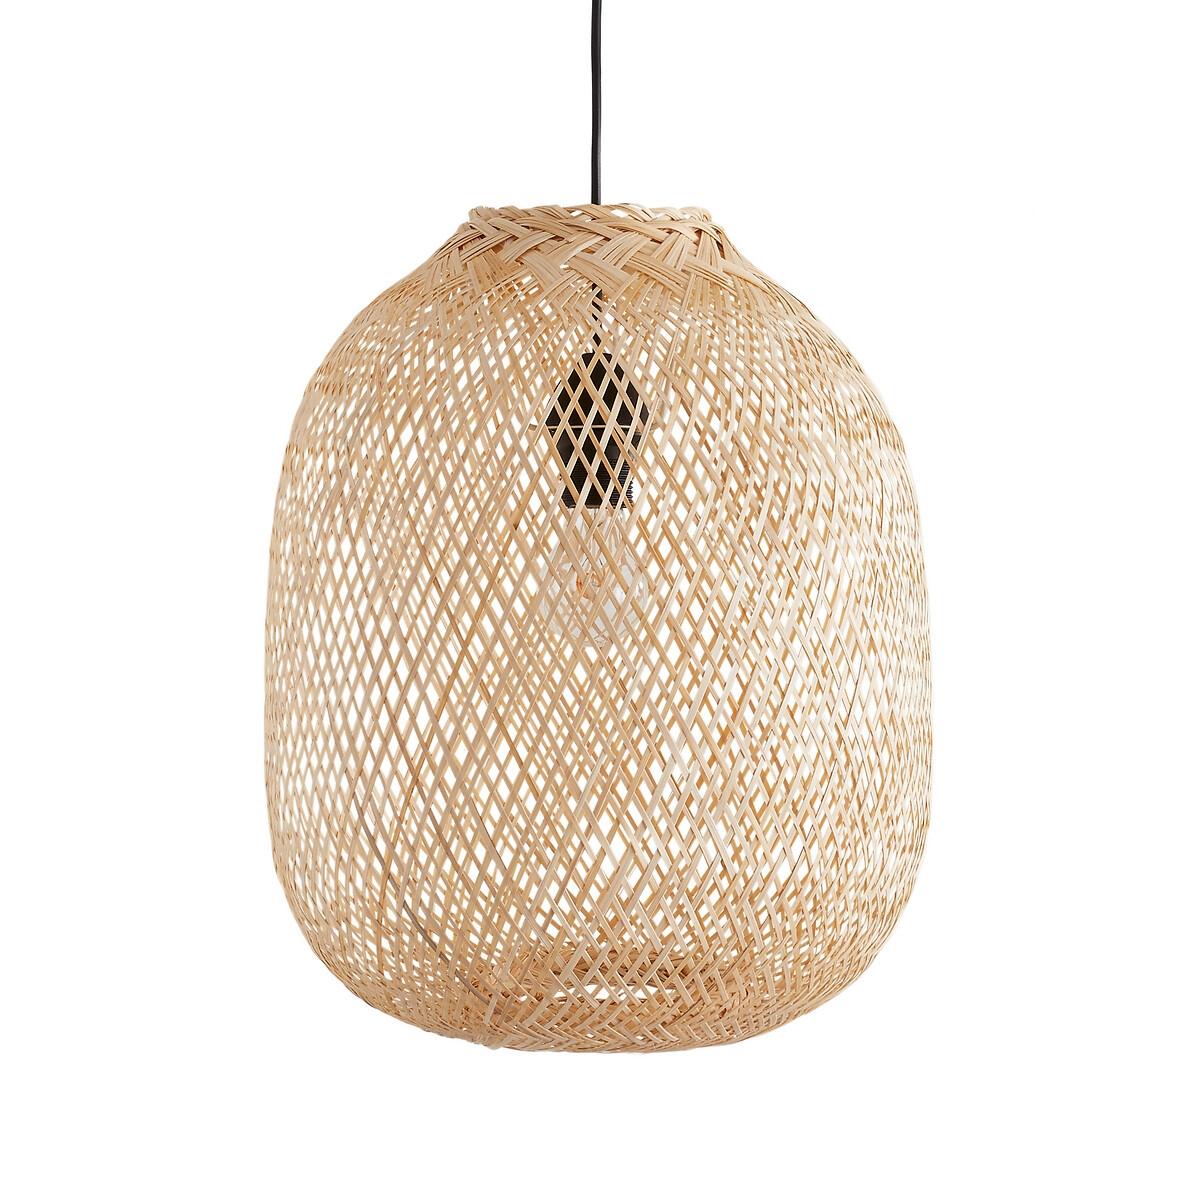 Светильник LaRedoute Круглый из бамбука 40 см Ezia единый размер бежевый салатница laredoute двухцветная из бамбука briama единый размер бежевый